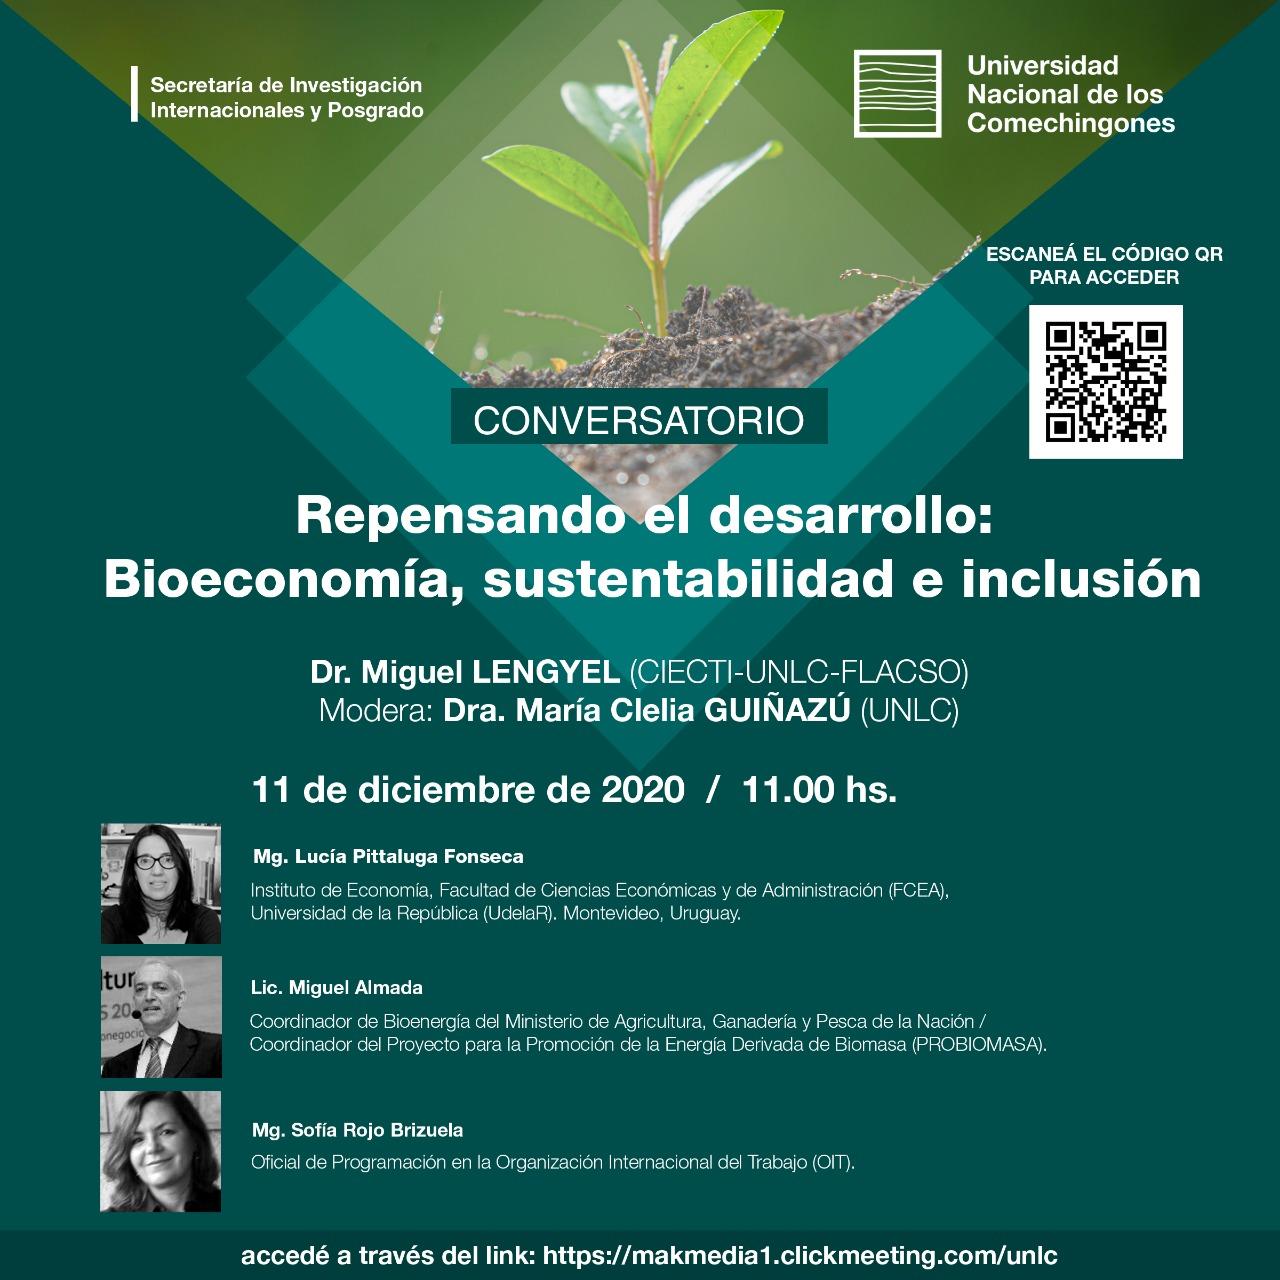 Repensando el desarrollo: Bioeconomía, sustentabilidad e inclusión